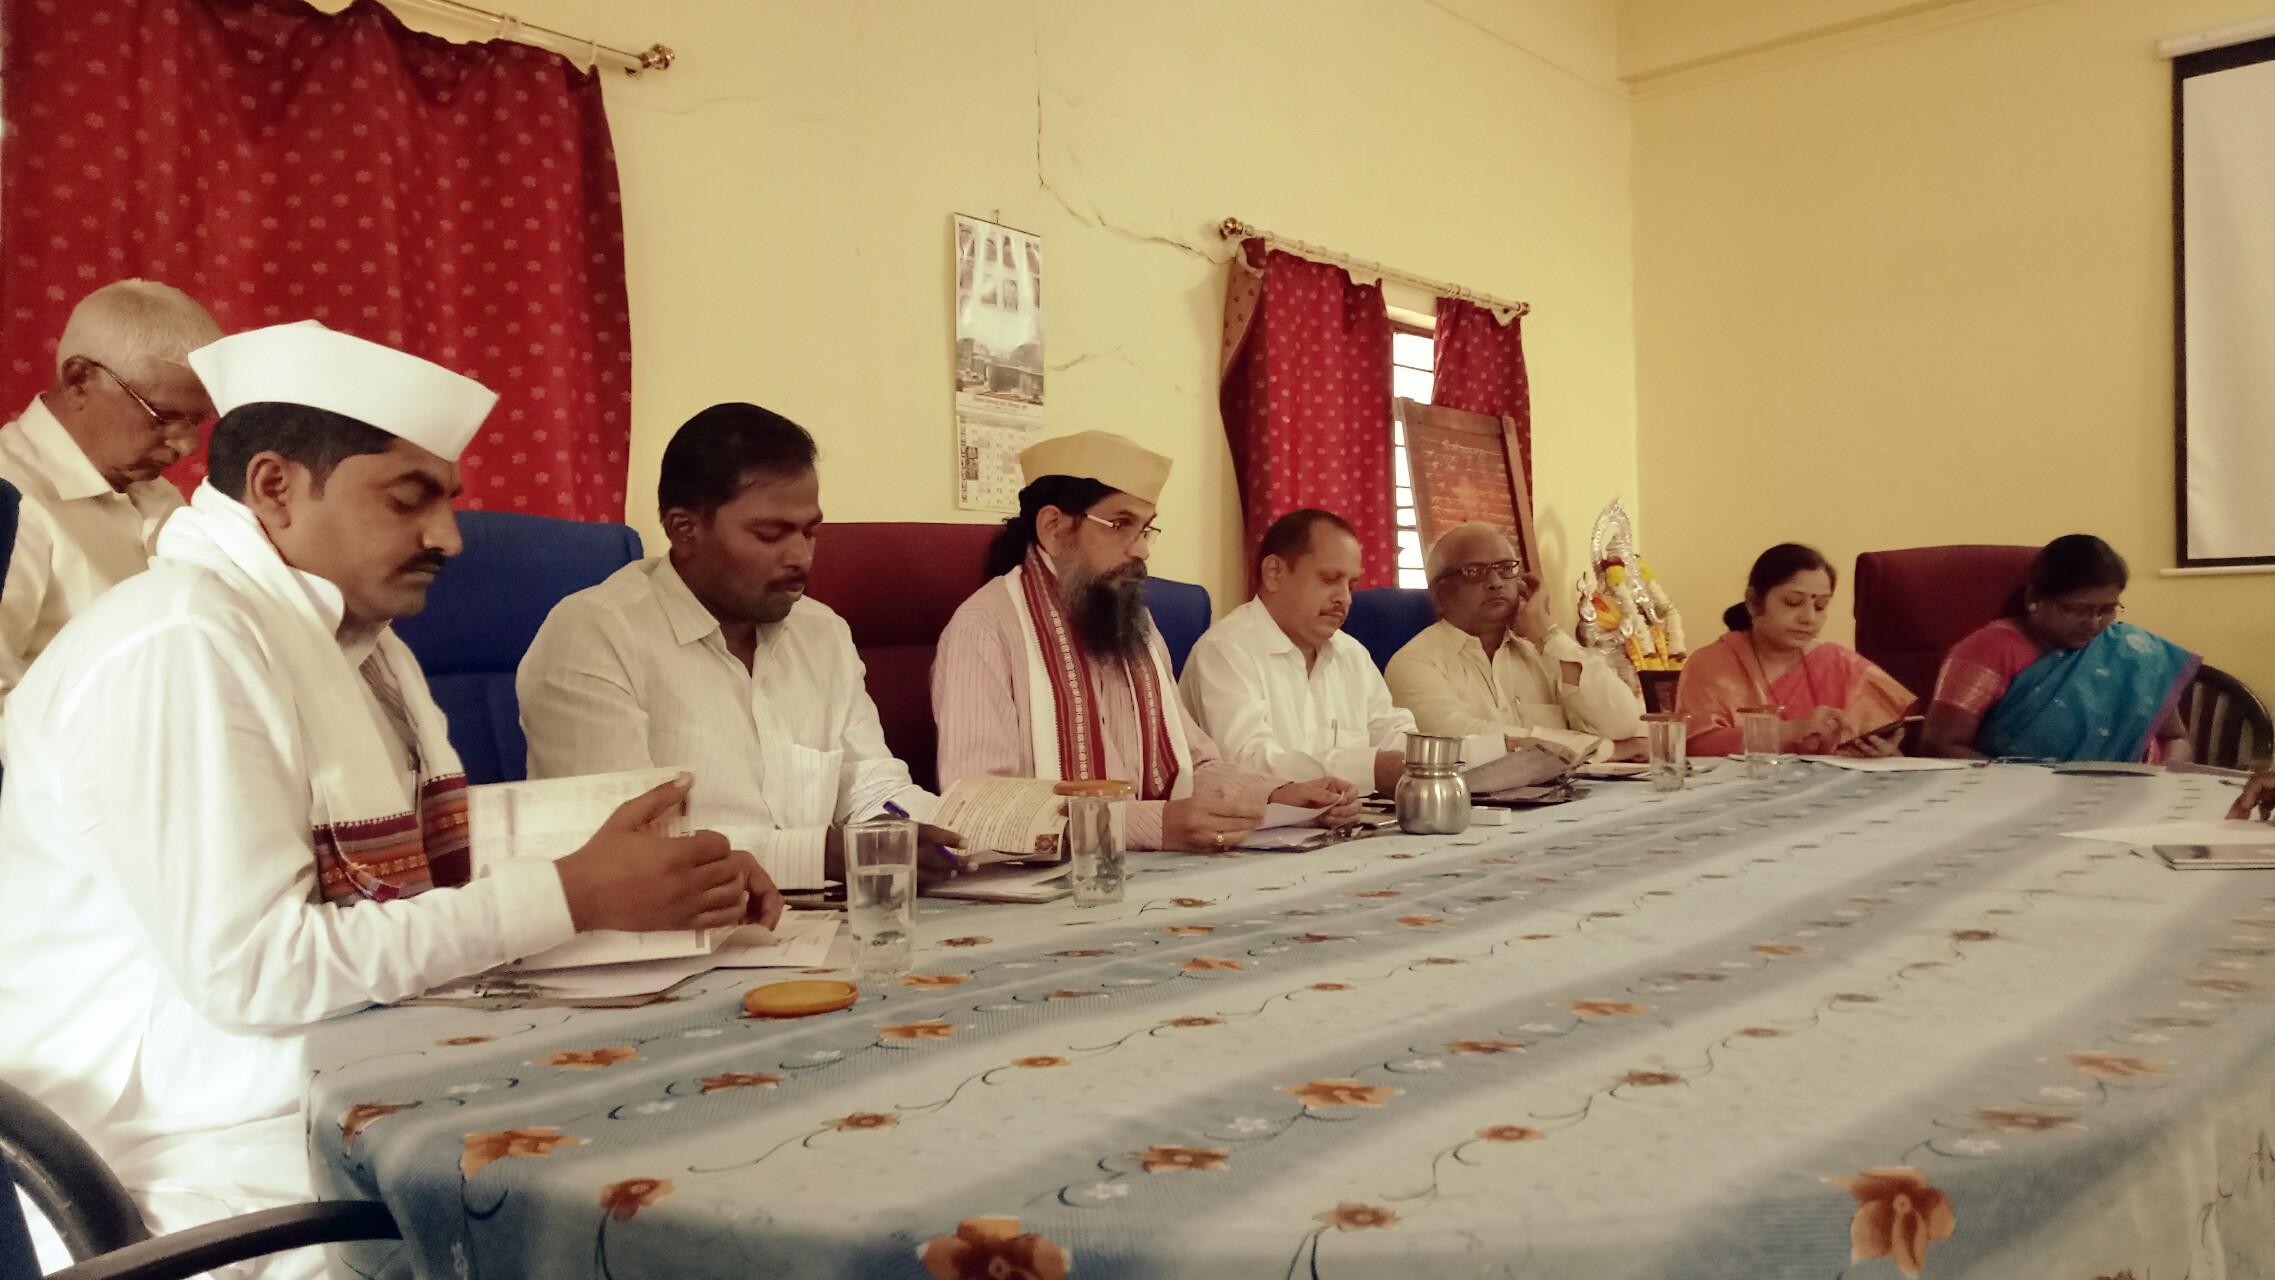 मोरया गोसावी संजीवन समाधी महोत्सवात १७ ते २७ डिसेंबर दरम्यान अध्यात्मिक आणि सांस्कृतिक मेजवानी